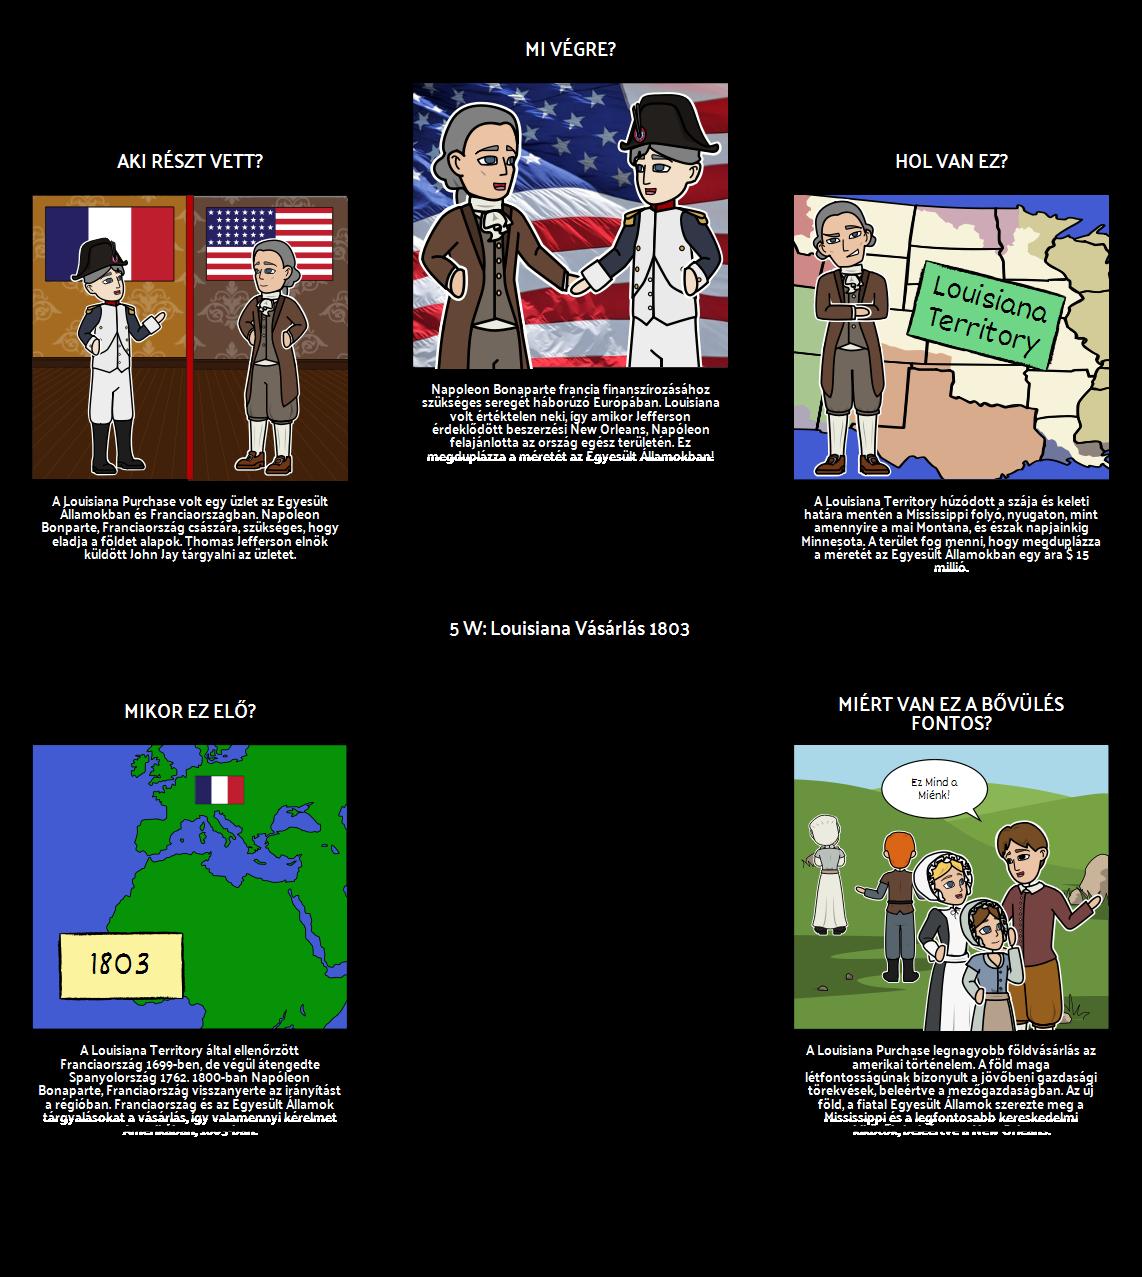 US területi terjeszkedés - A Louisiana Purchase 1803